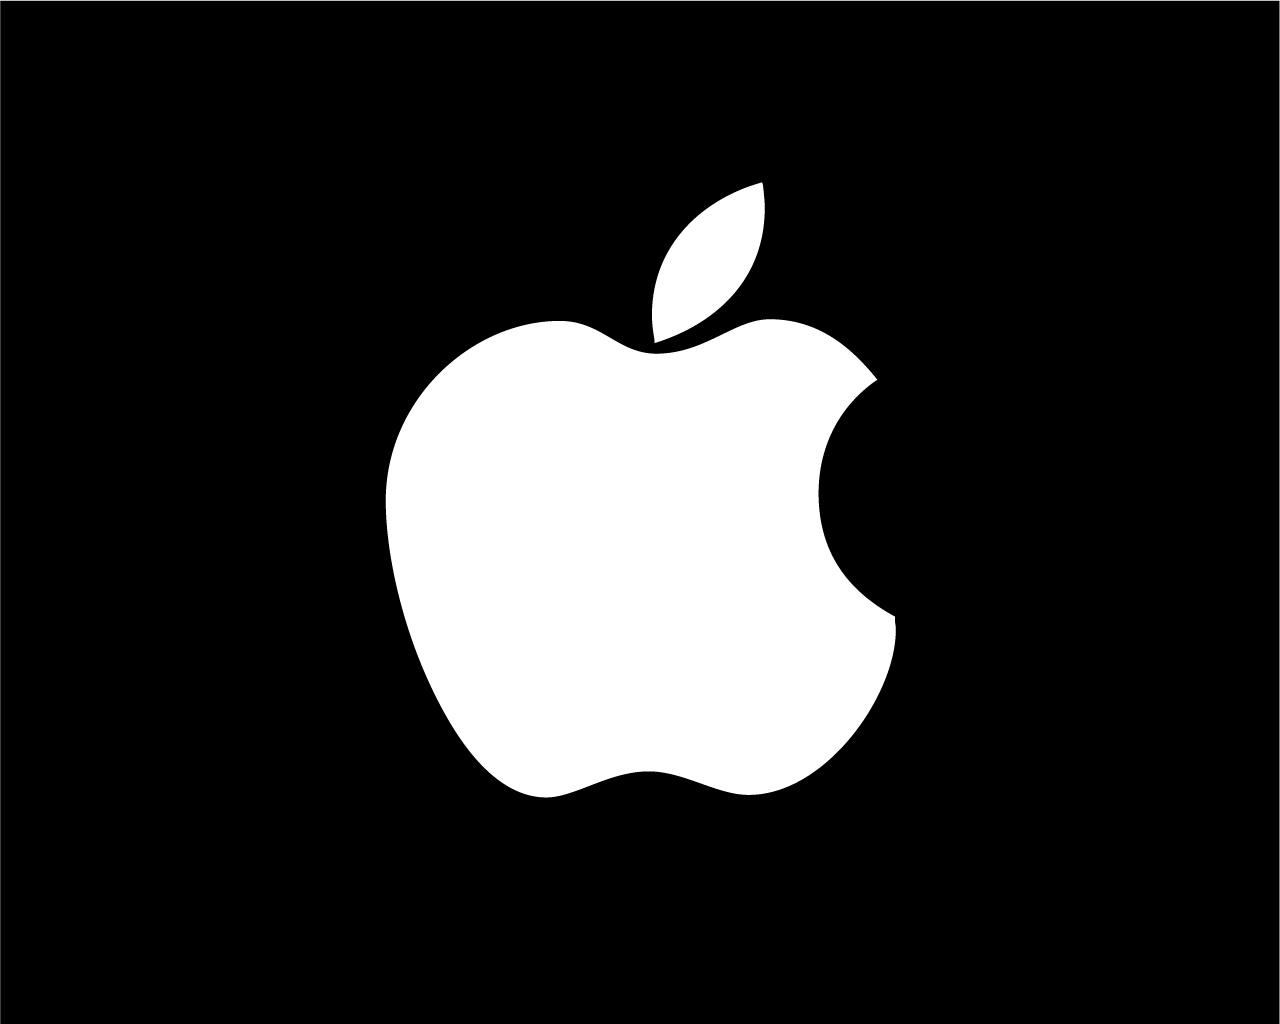 iPhoneの壁紙どう探してます?おすすめのサイトとか